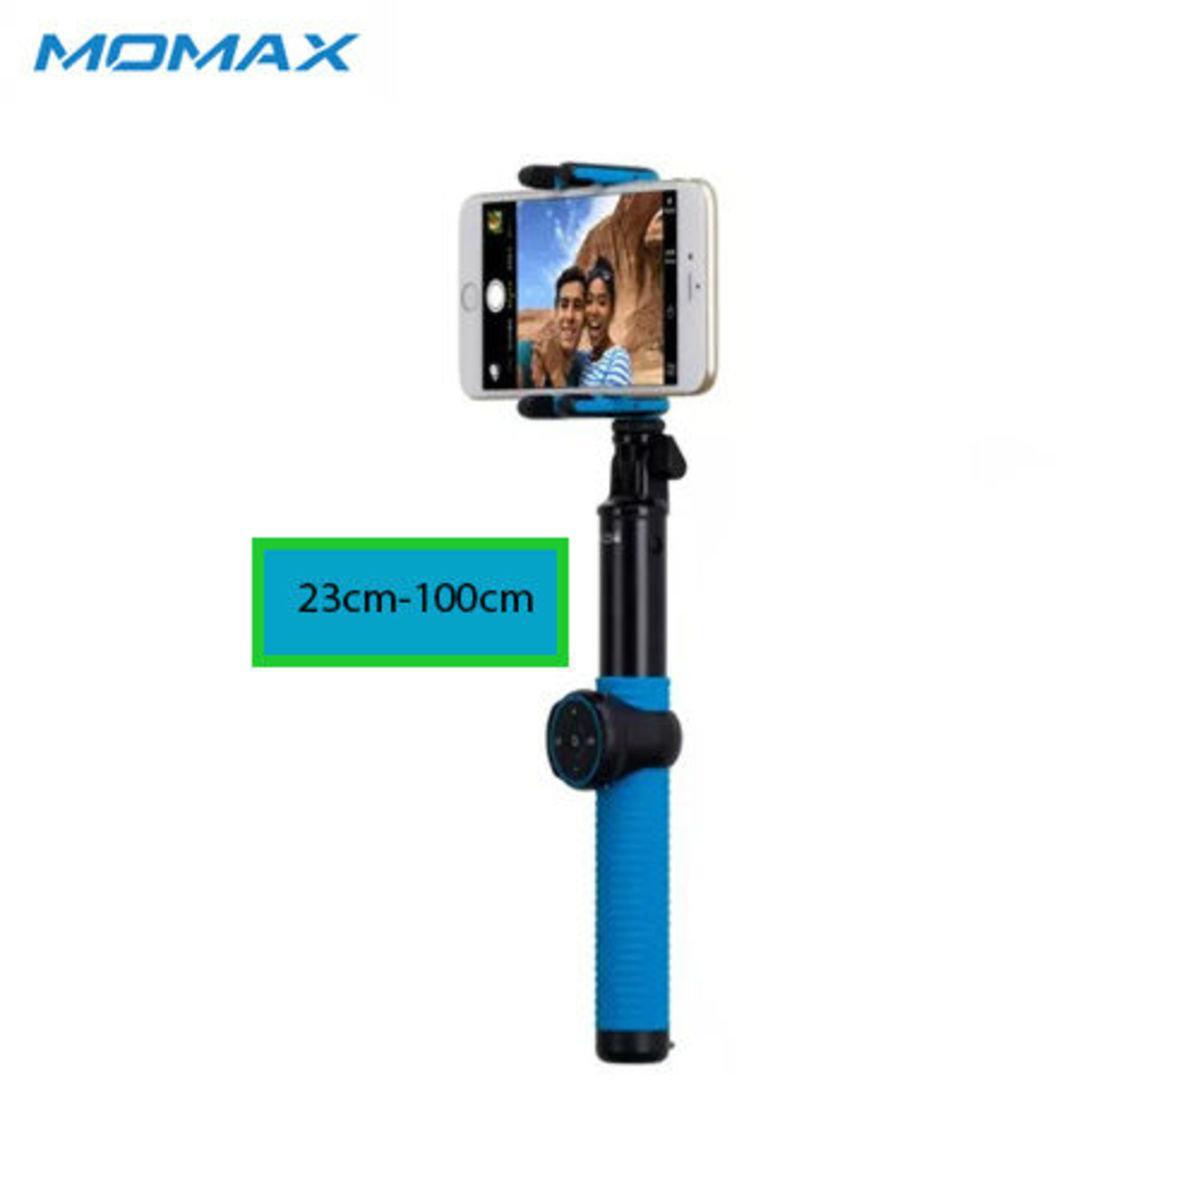 自拍桿 100cm - 藍